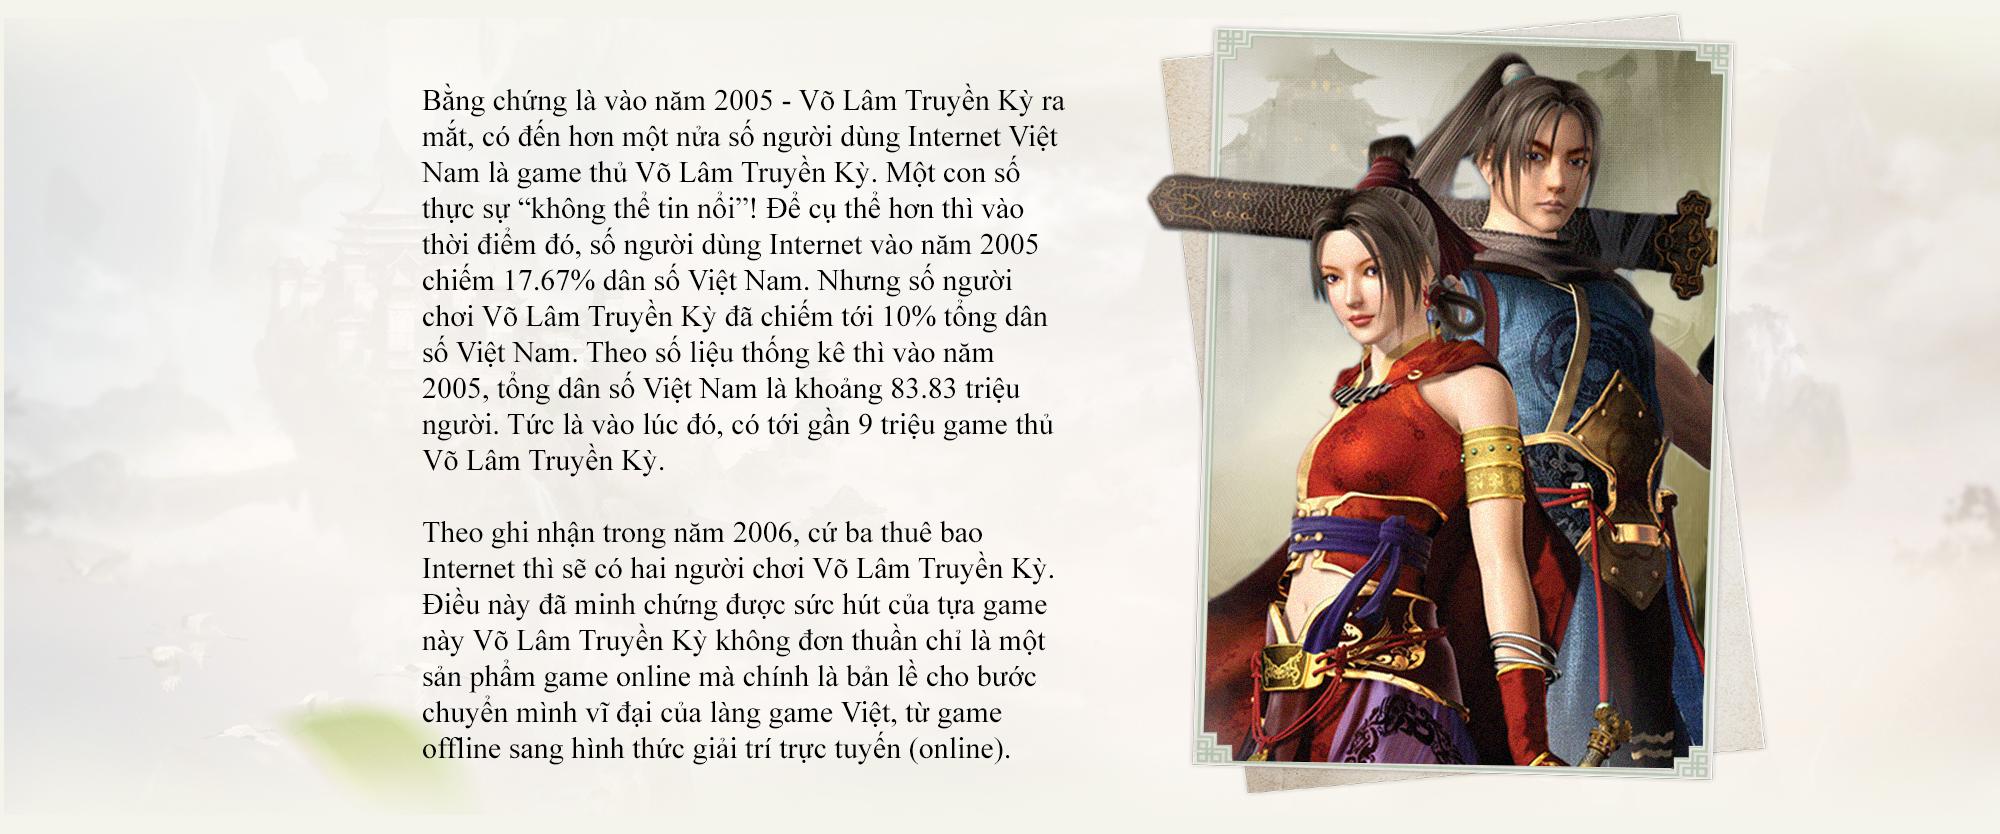 """15 năm Võ Lâm Truyền Kỳ - """"Chứng nhân"""" lịch sử làng game & huyền thoại game online đi qua mọi thăng trầm thời đại Internet Việt Nam - Ảnh 2."""